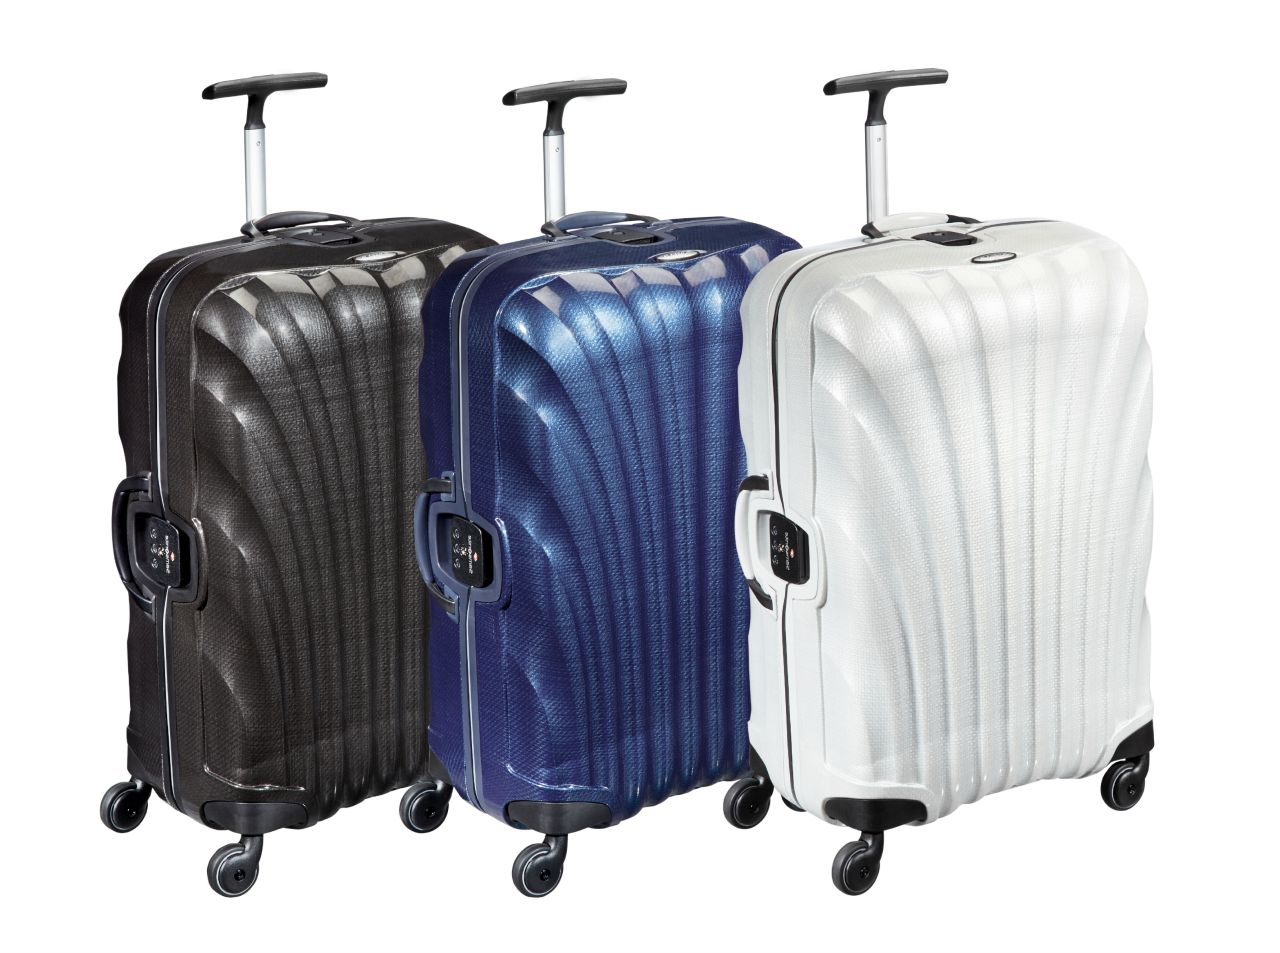 valise ultra légère pour avion